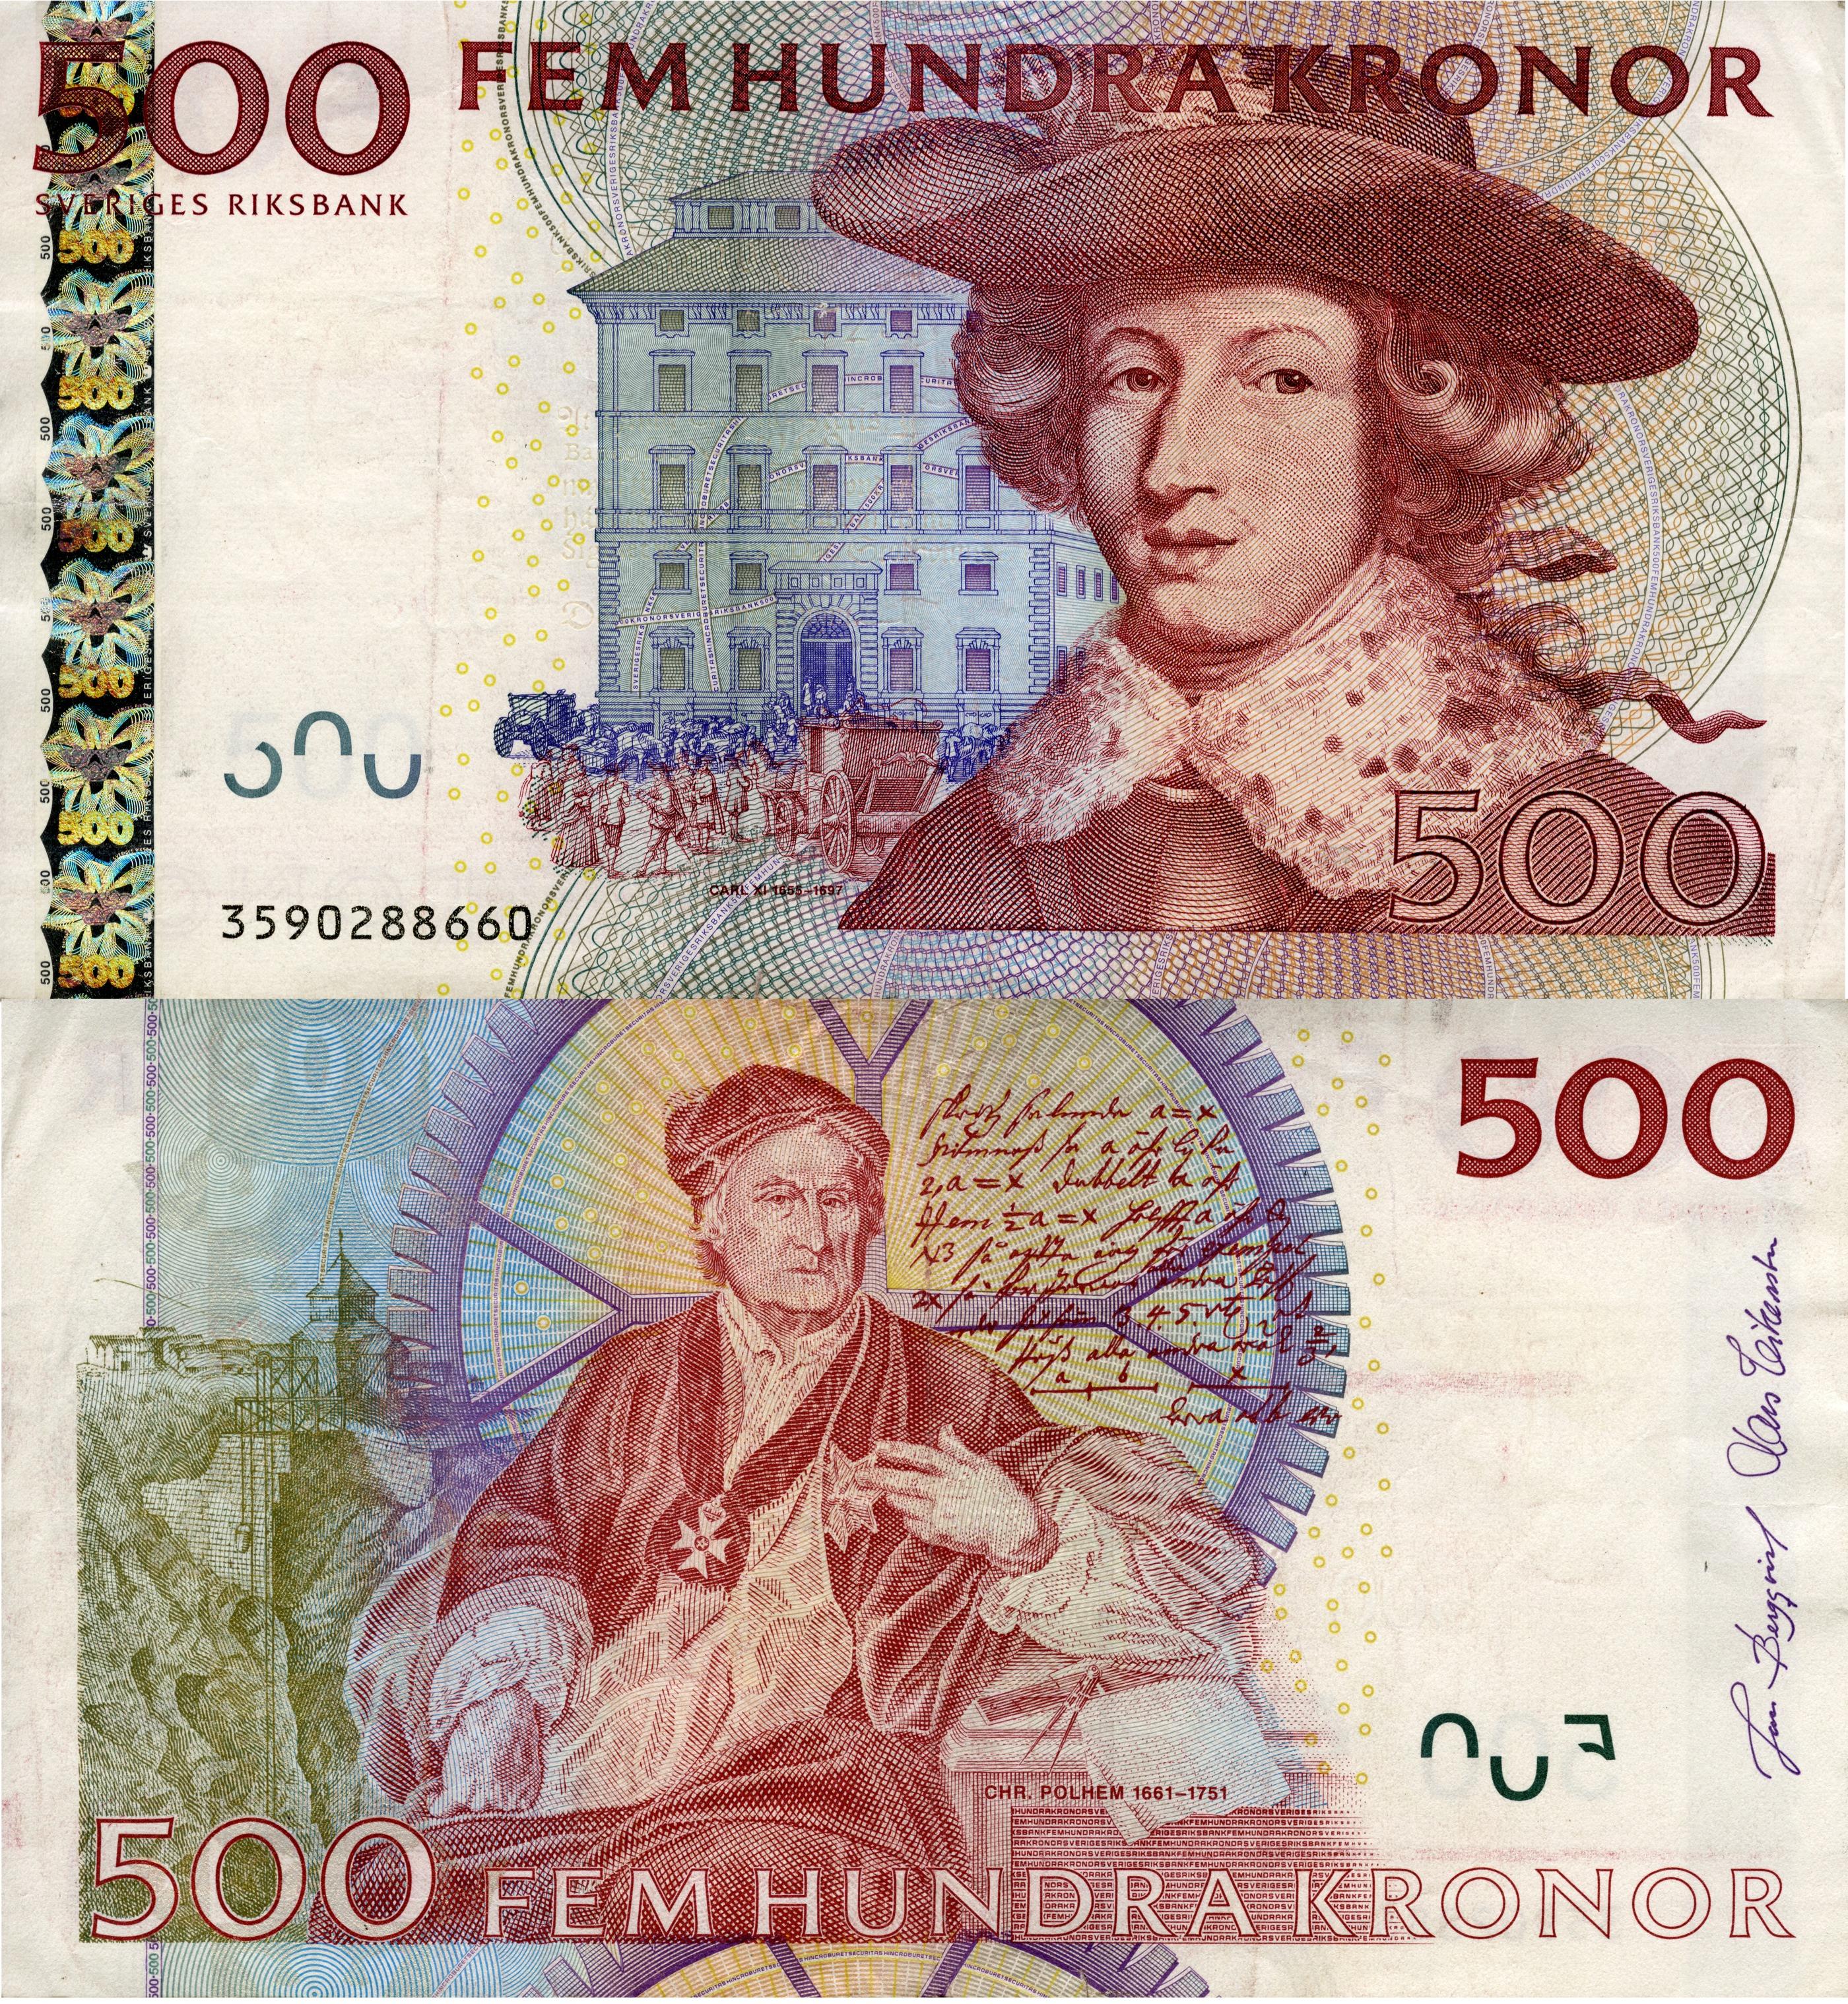 10000 sek to dollar